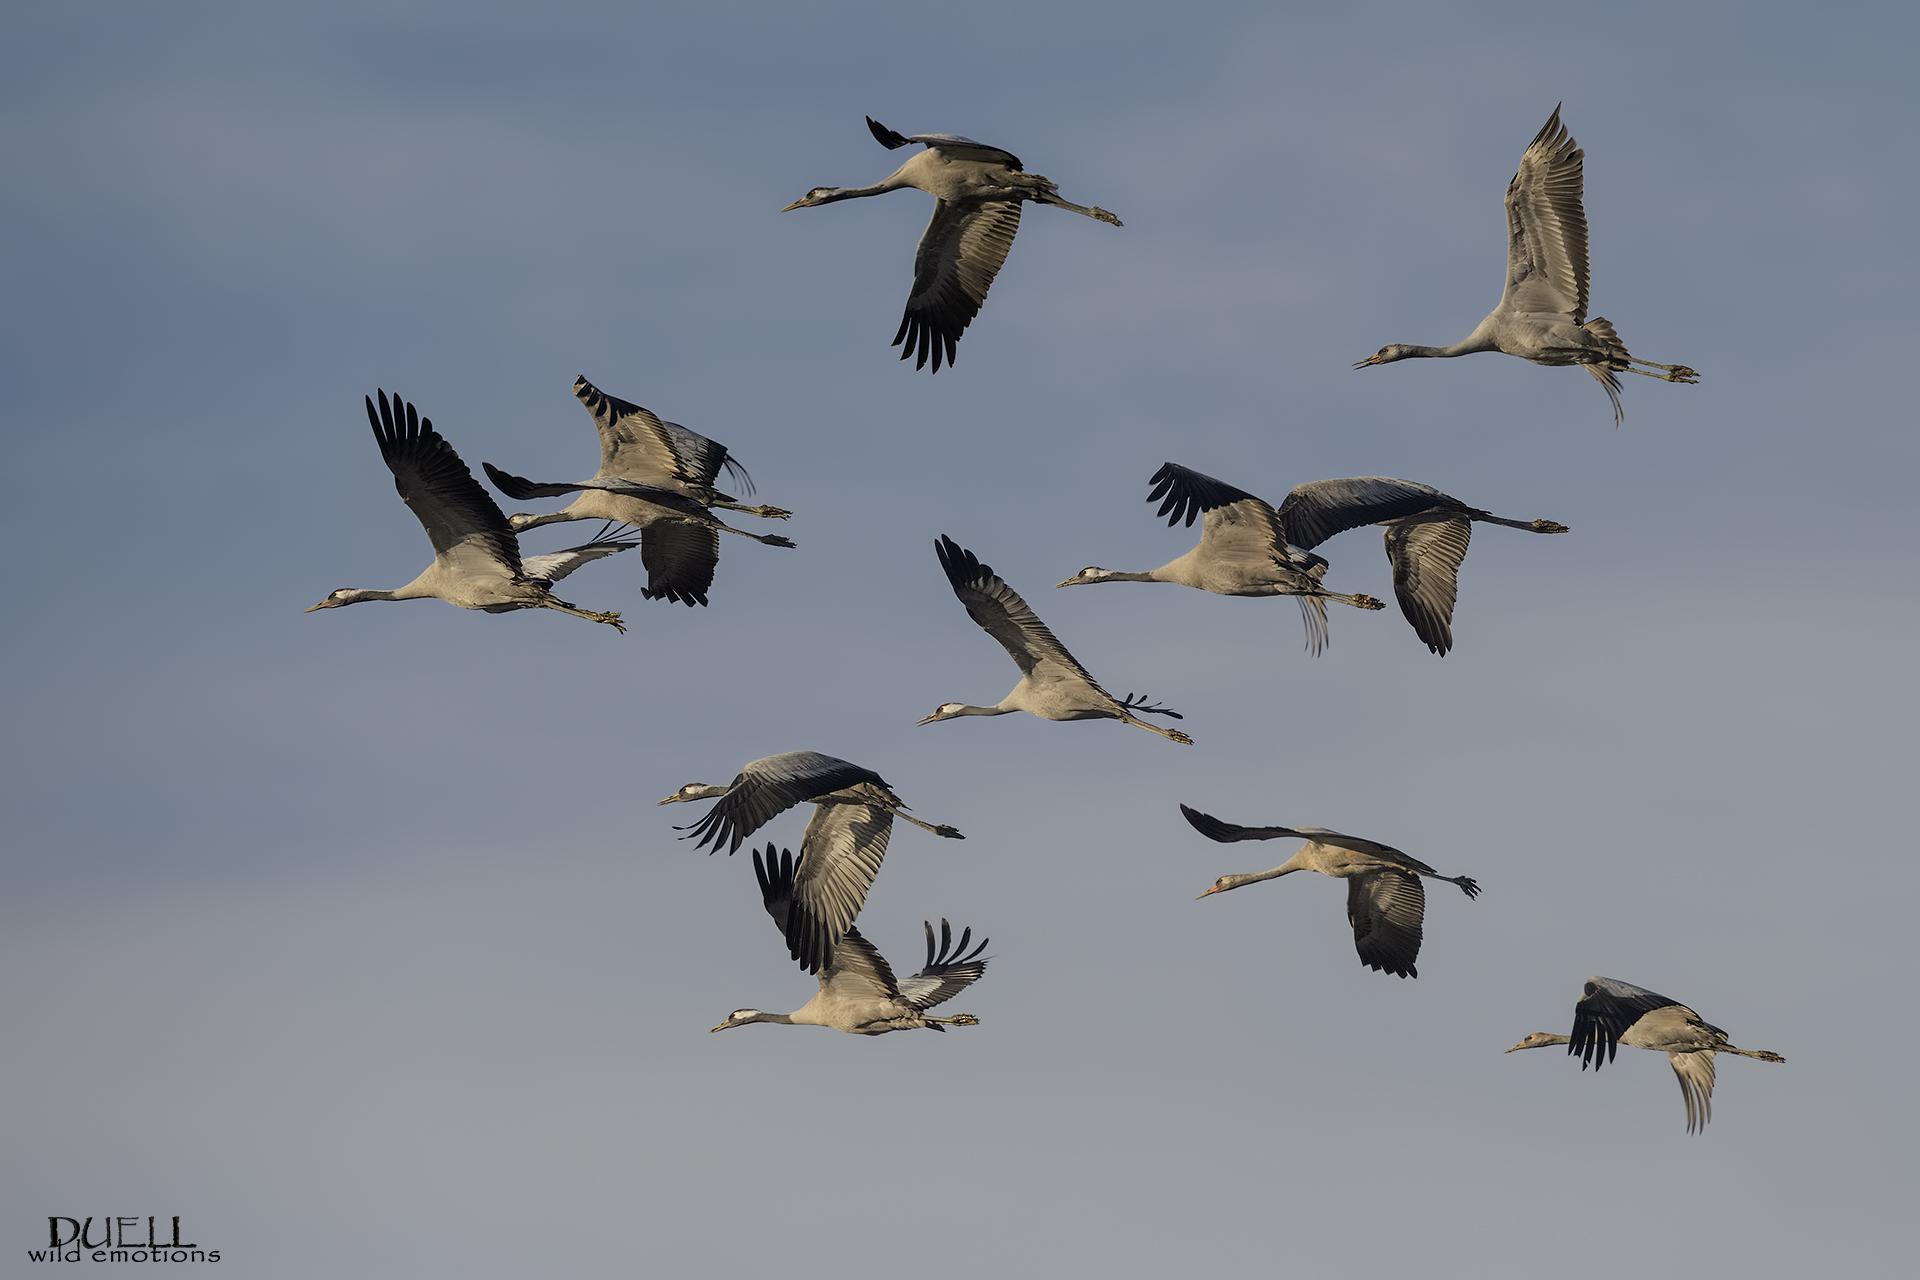 come the cranes !!...